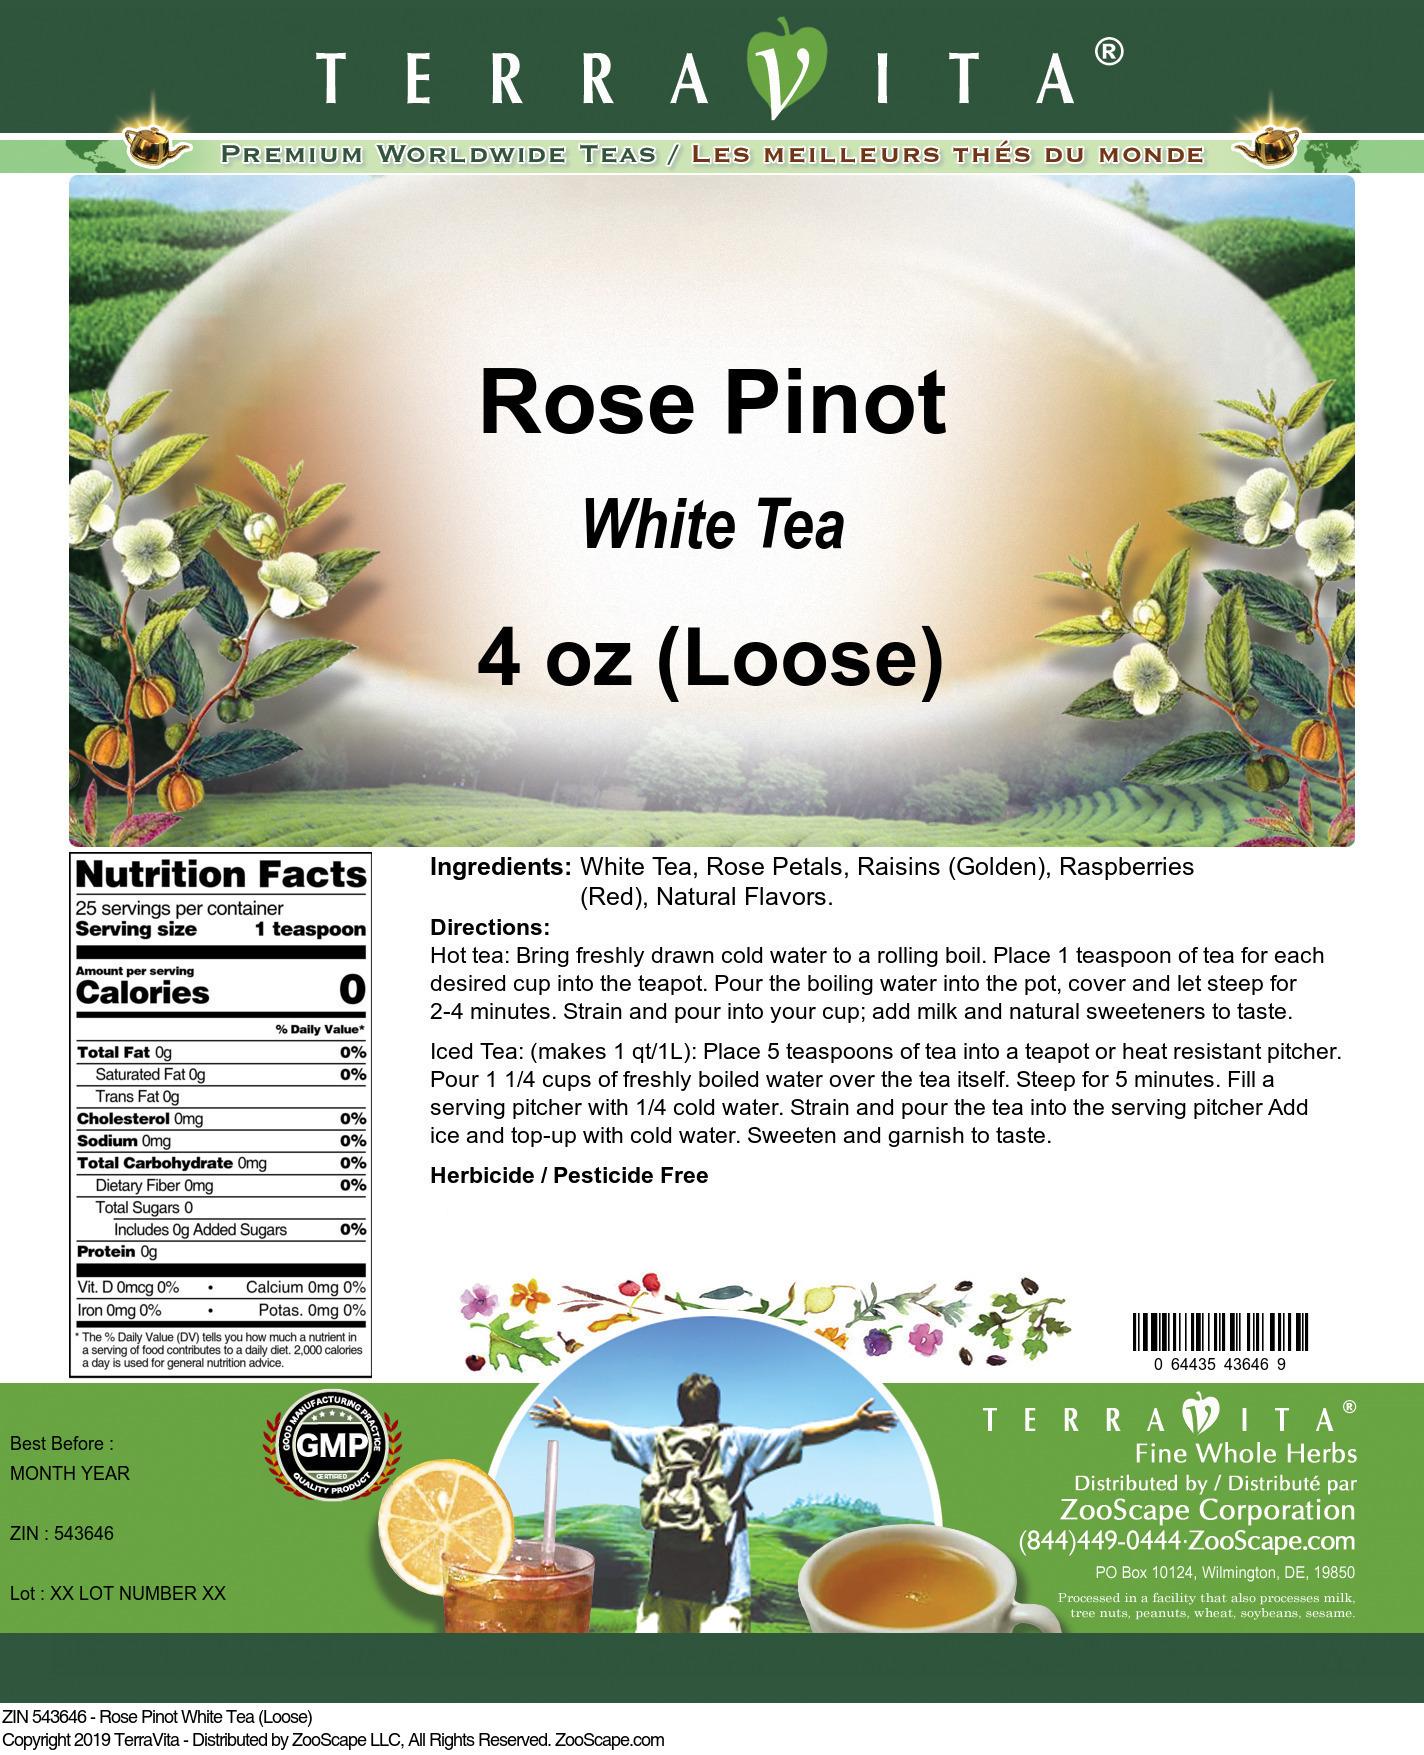 Rose Pinot White Tea (Loose)